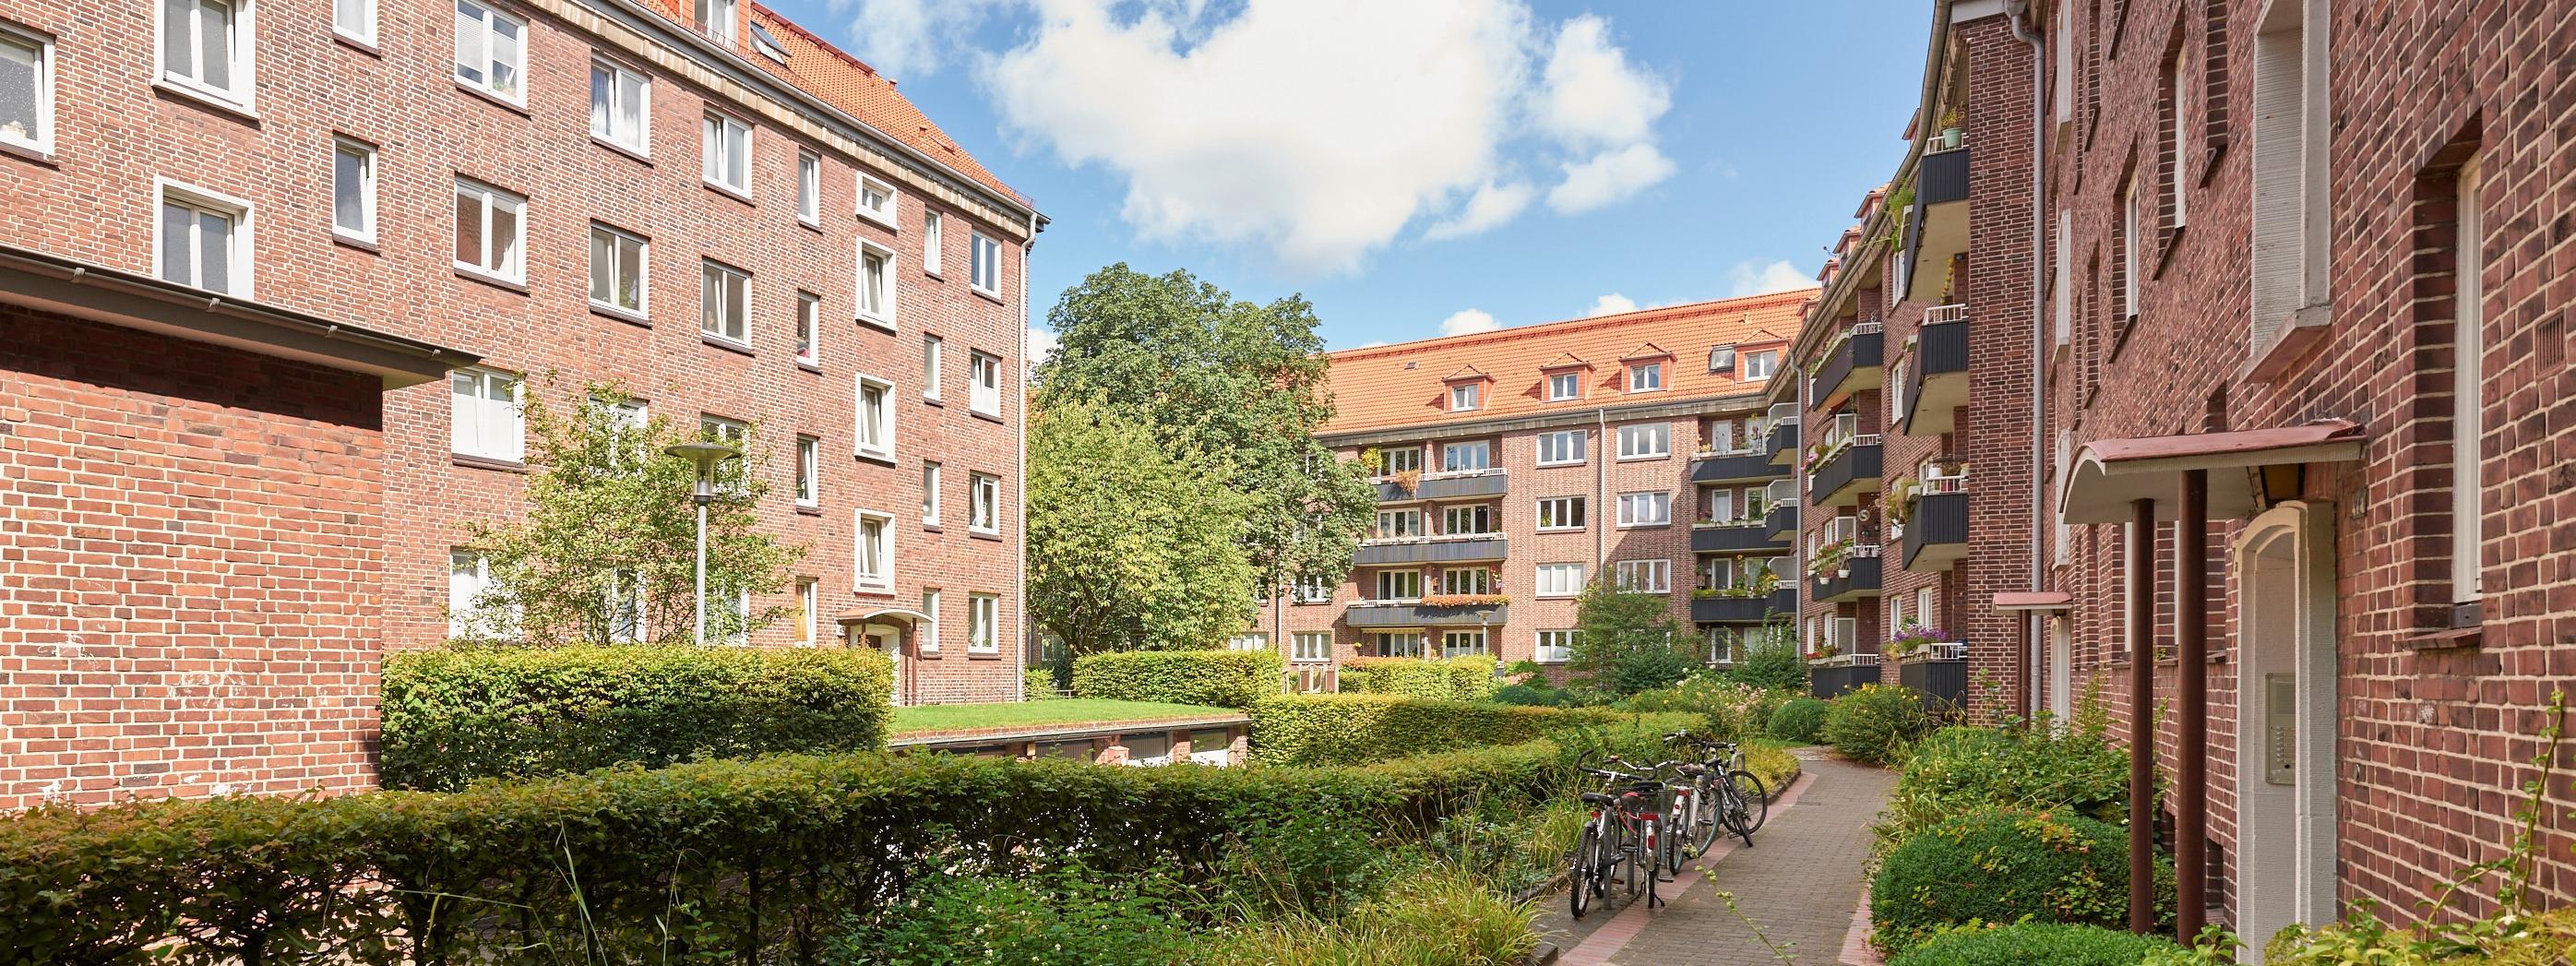 Unsere Wohnungen zum Mieten in Hamburg